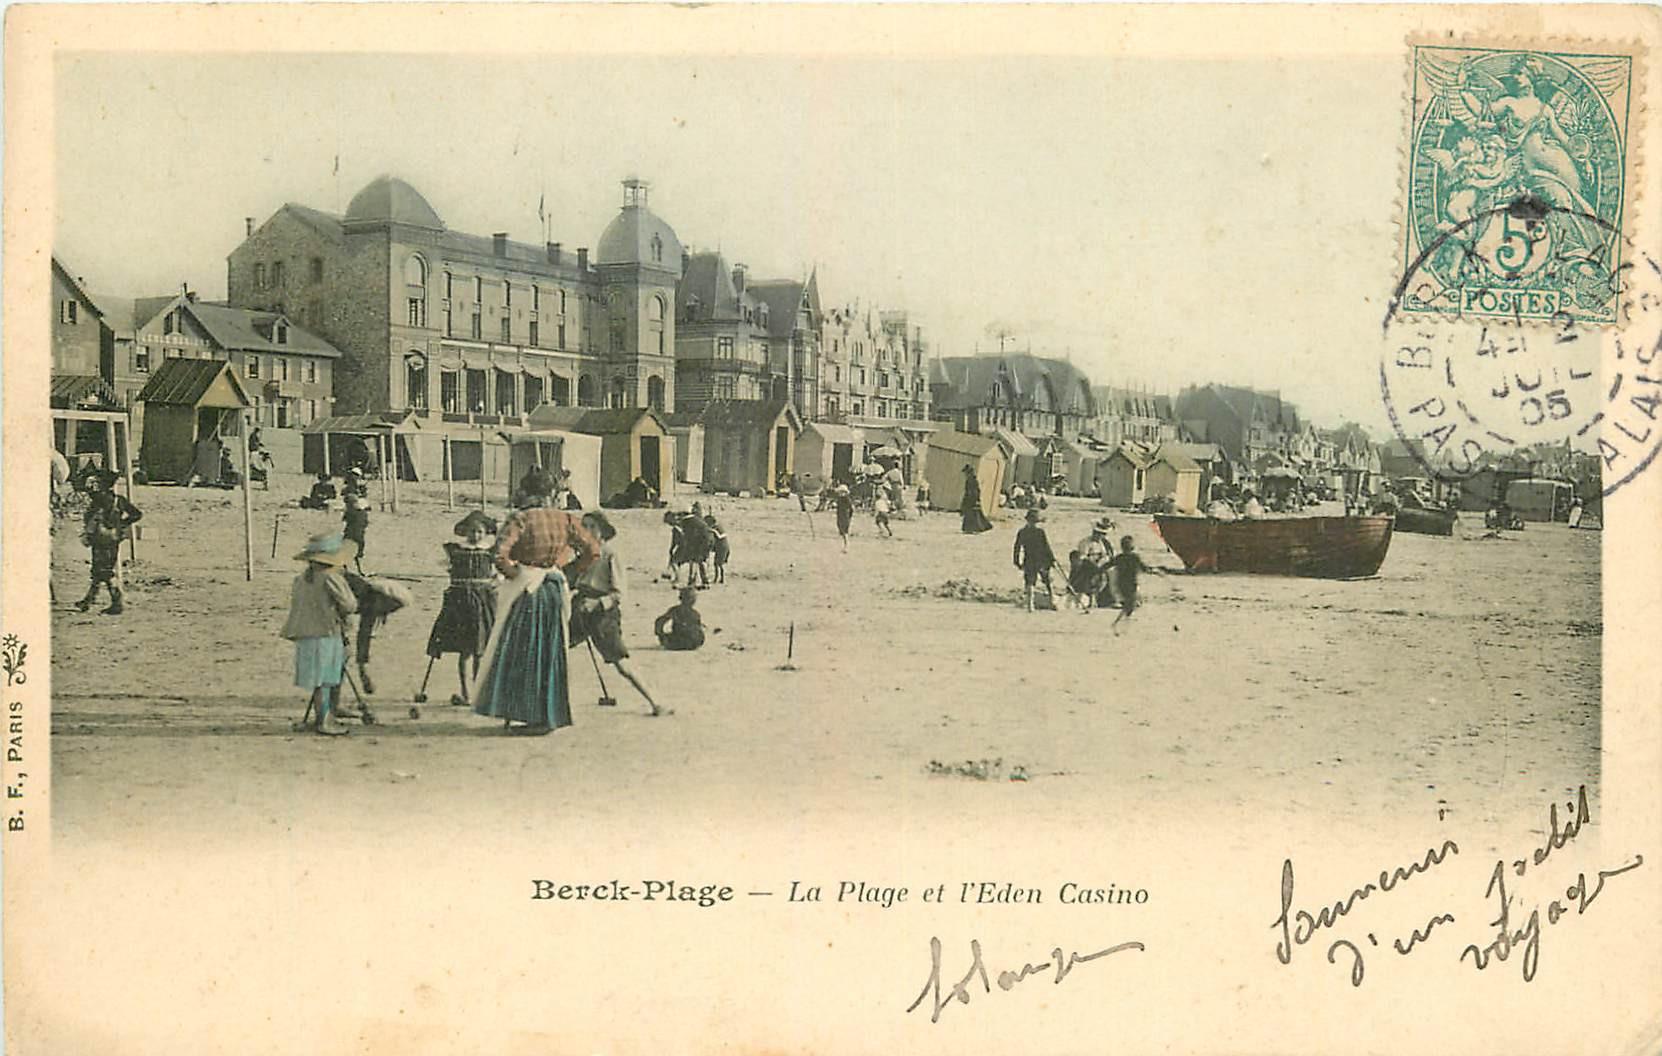 WW 62 BERCK. Jeu de Croquet sur la Plage et l'Eden Casino 1905